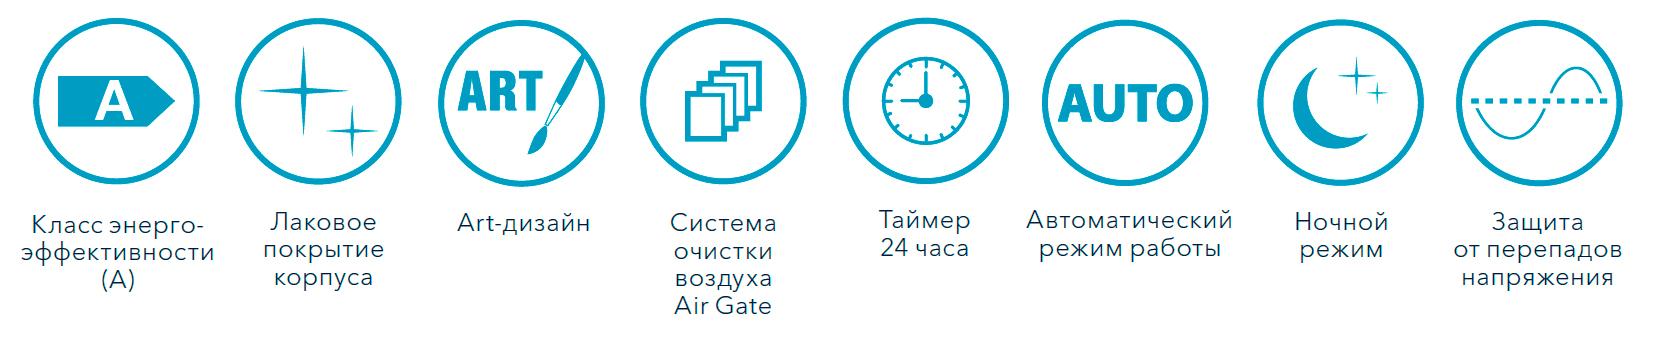 Функции и основные особенности кондиционера Electrolux EACS-12HG-B/N3 серии Air Gate